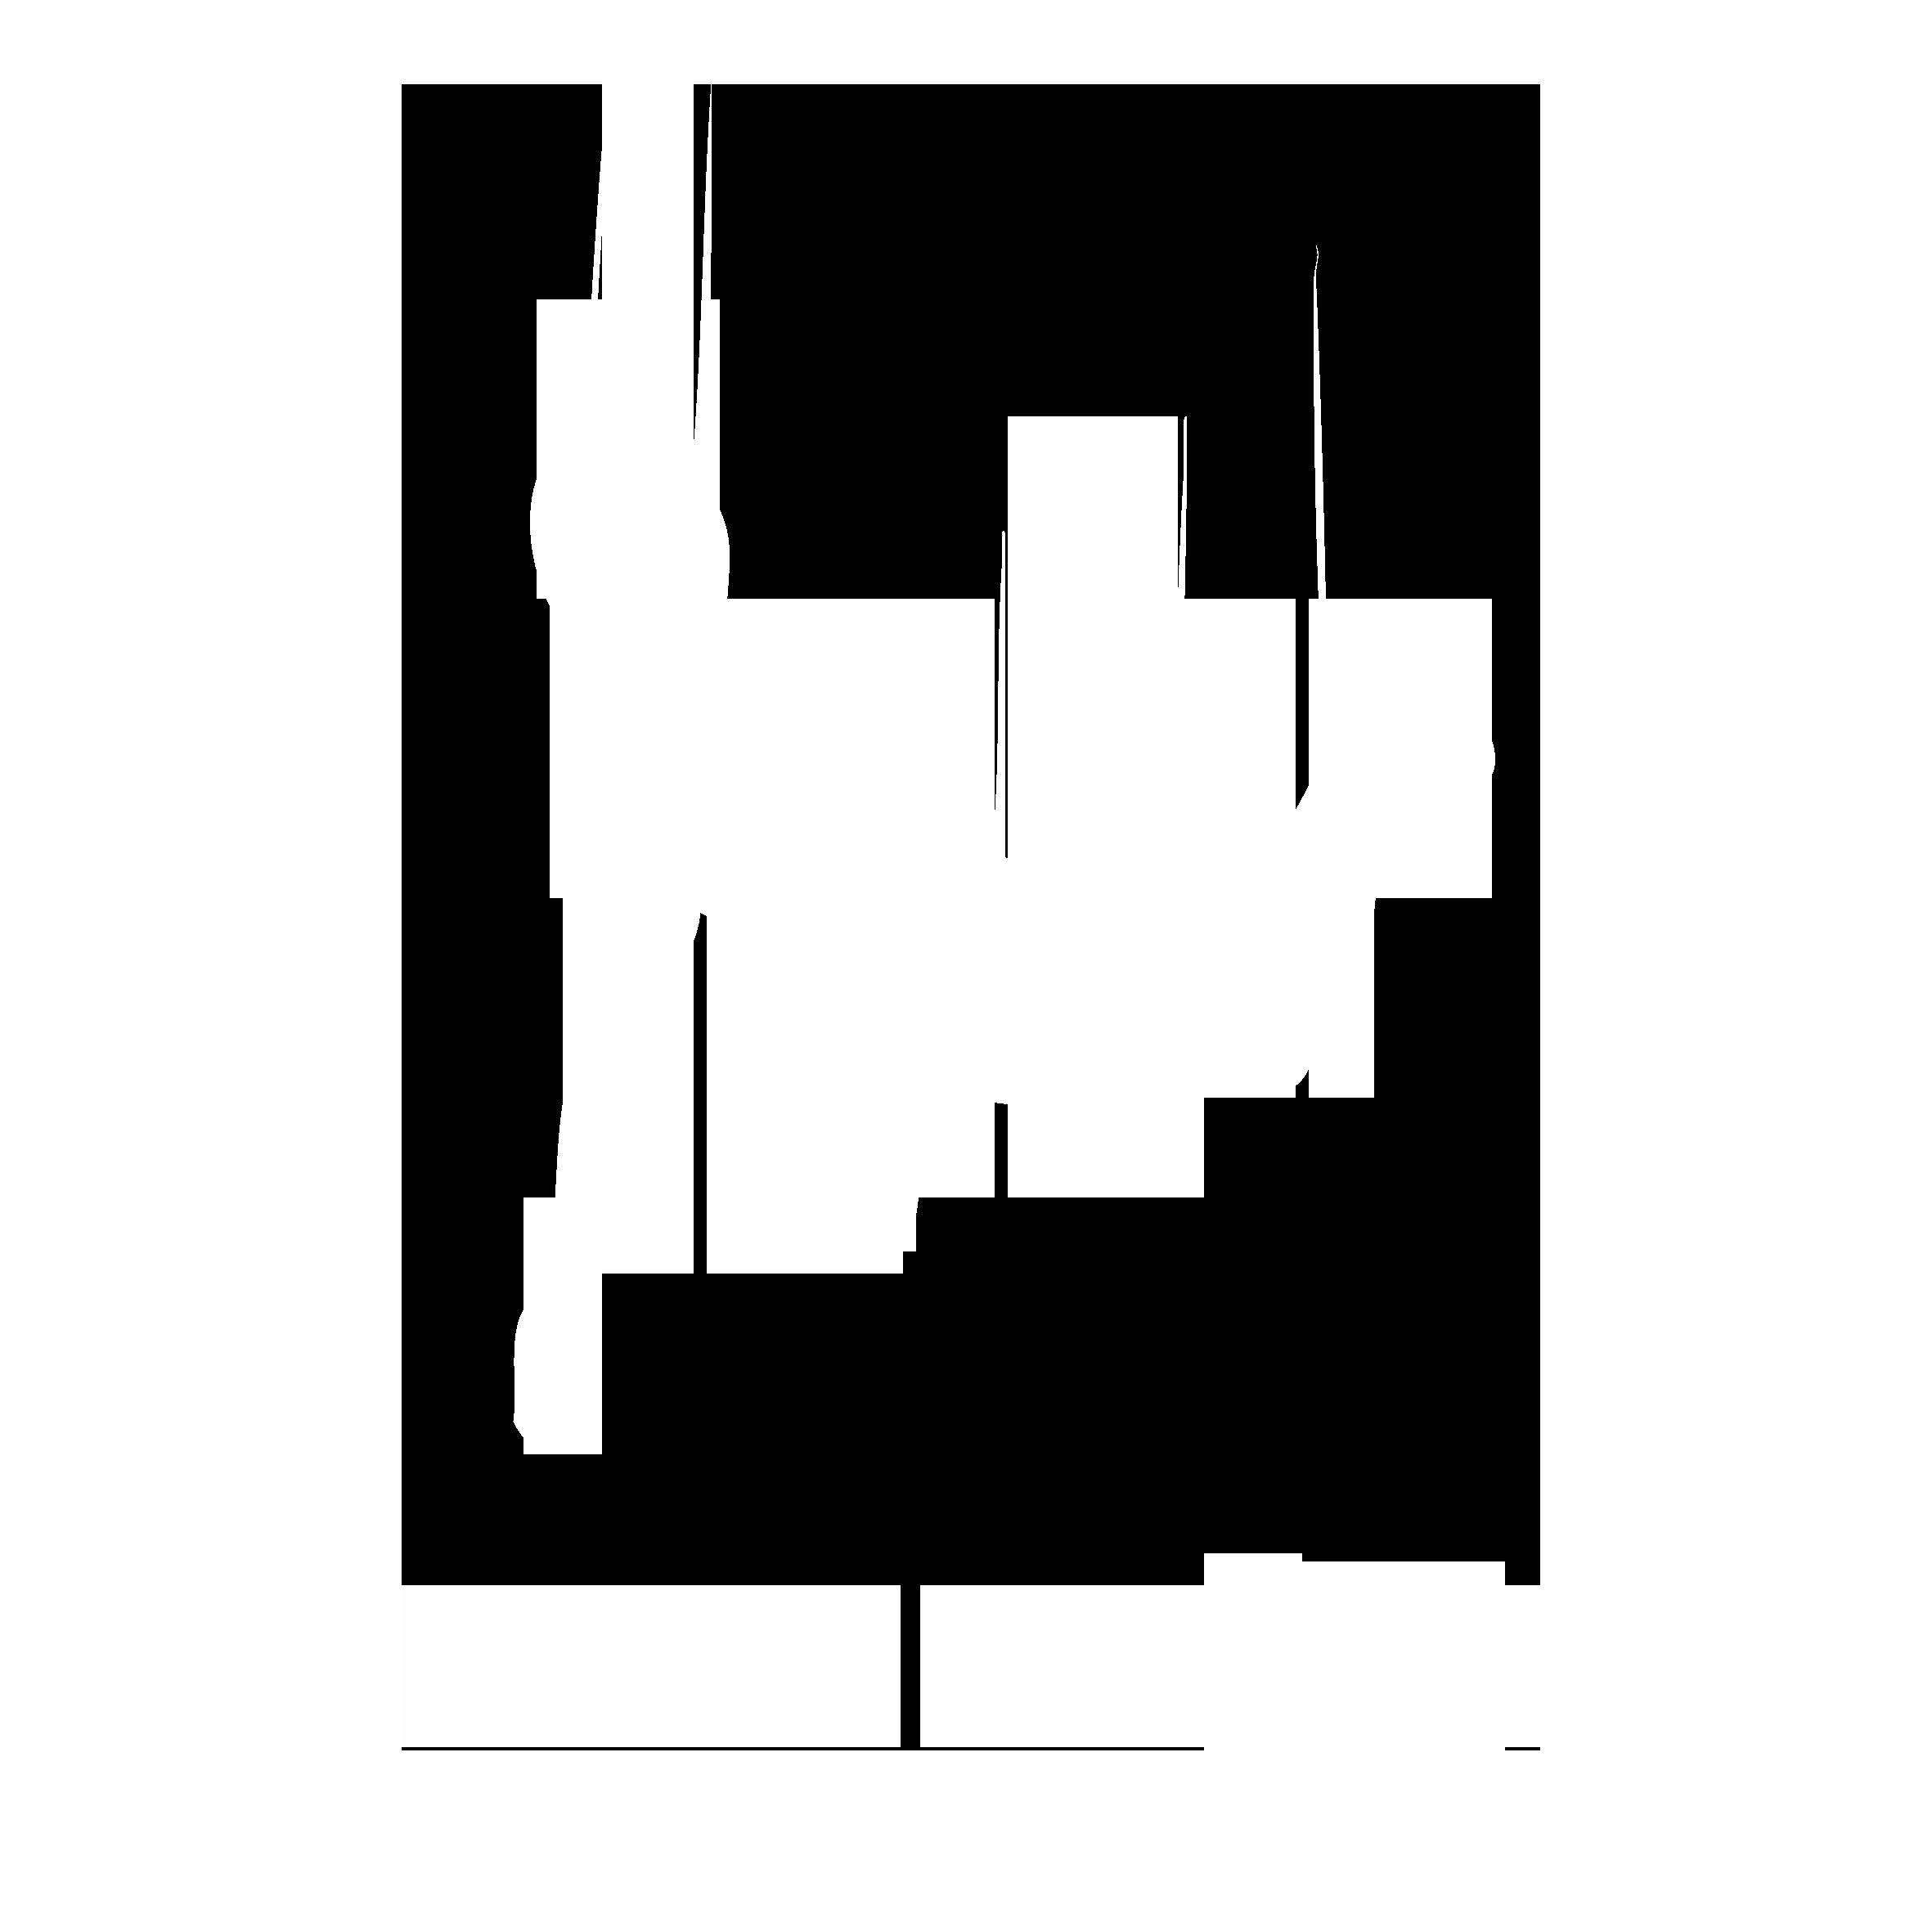 LOGO VIAJEINMOVIL-2